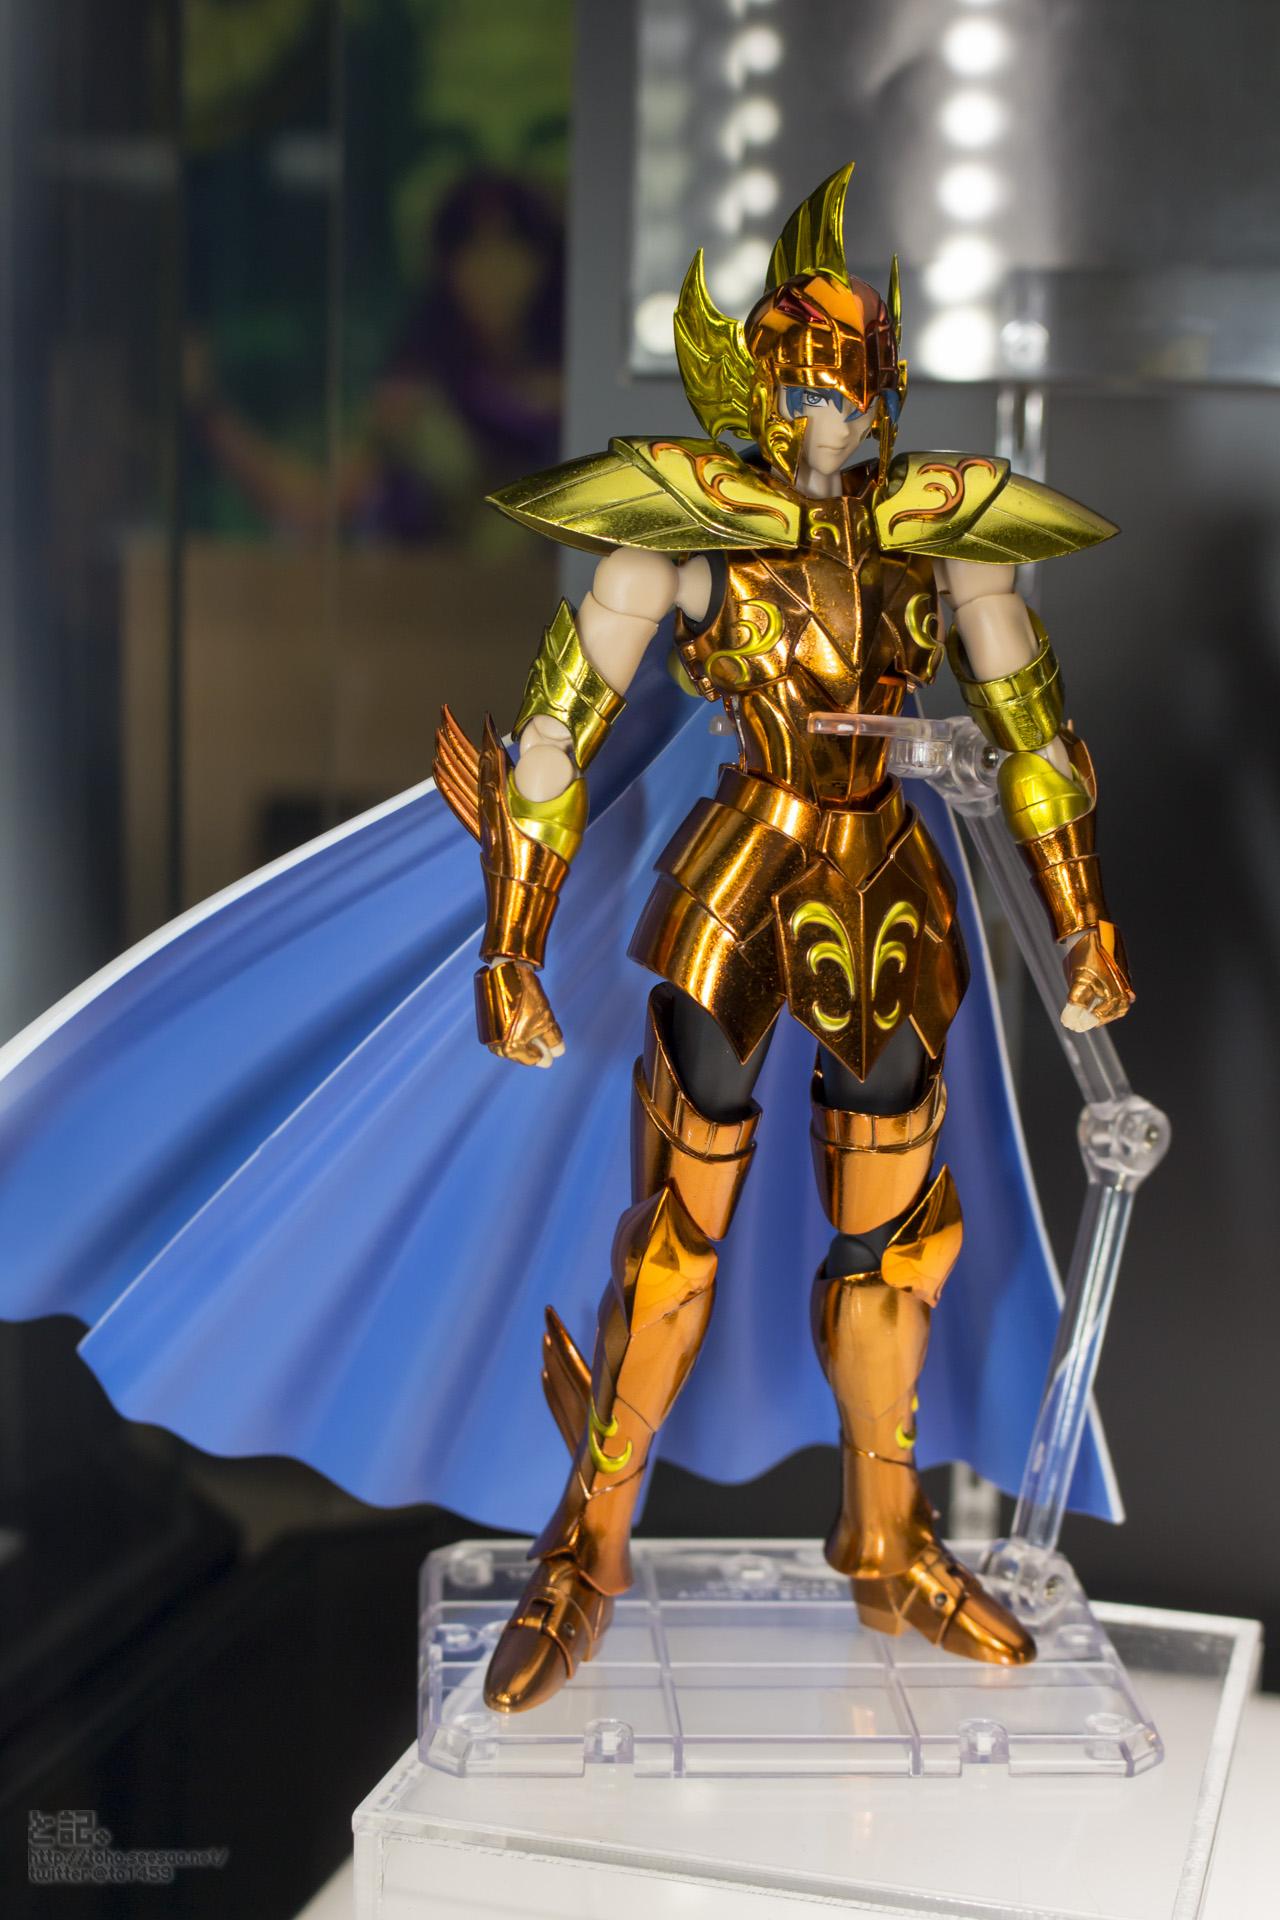 [Comentários] Saint Cloth Myth EX - Kanon de Dragão Marinho - Página 9 AA600isB